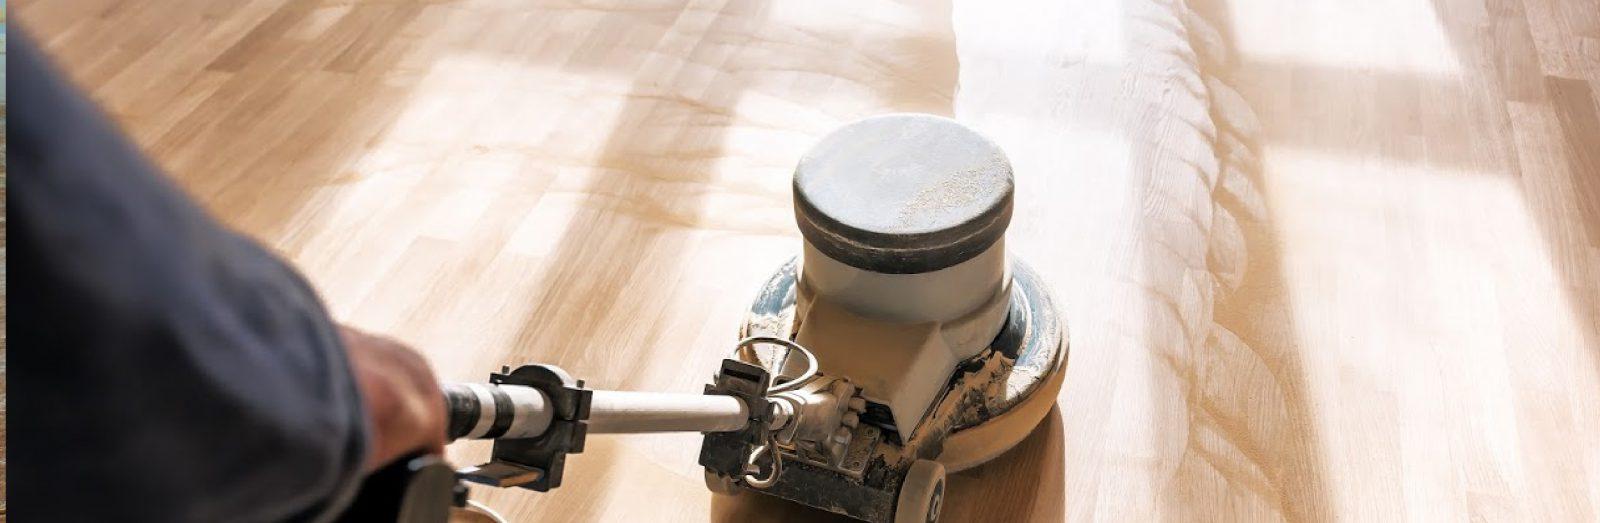 Vloer schuren, oliën en/of lakken